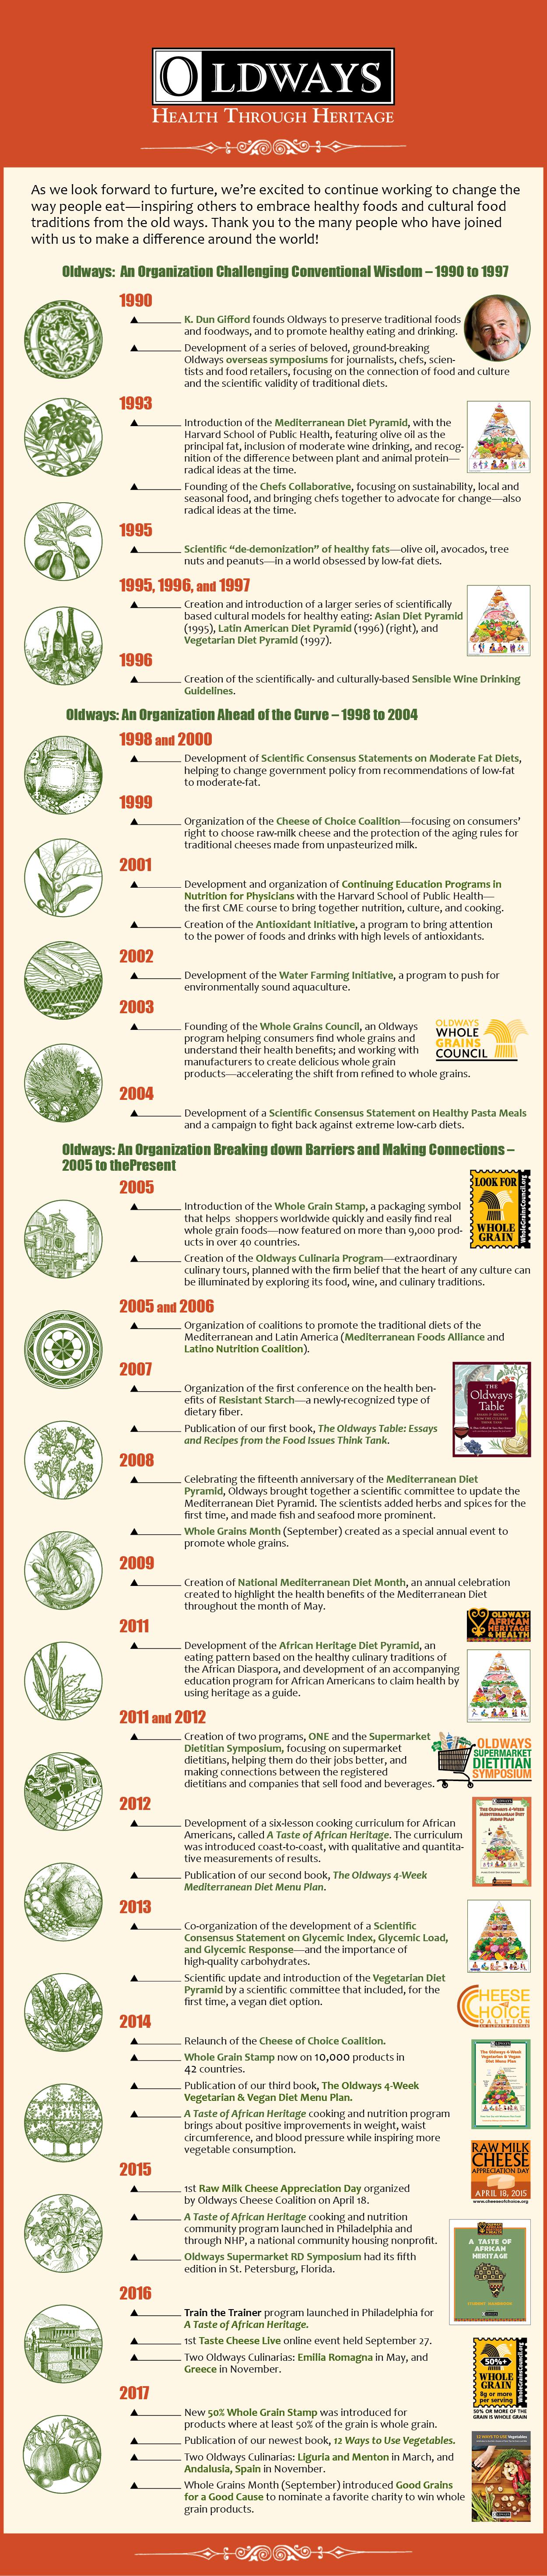 Oldways timeline